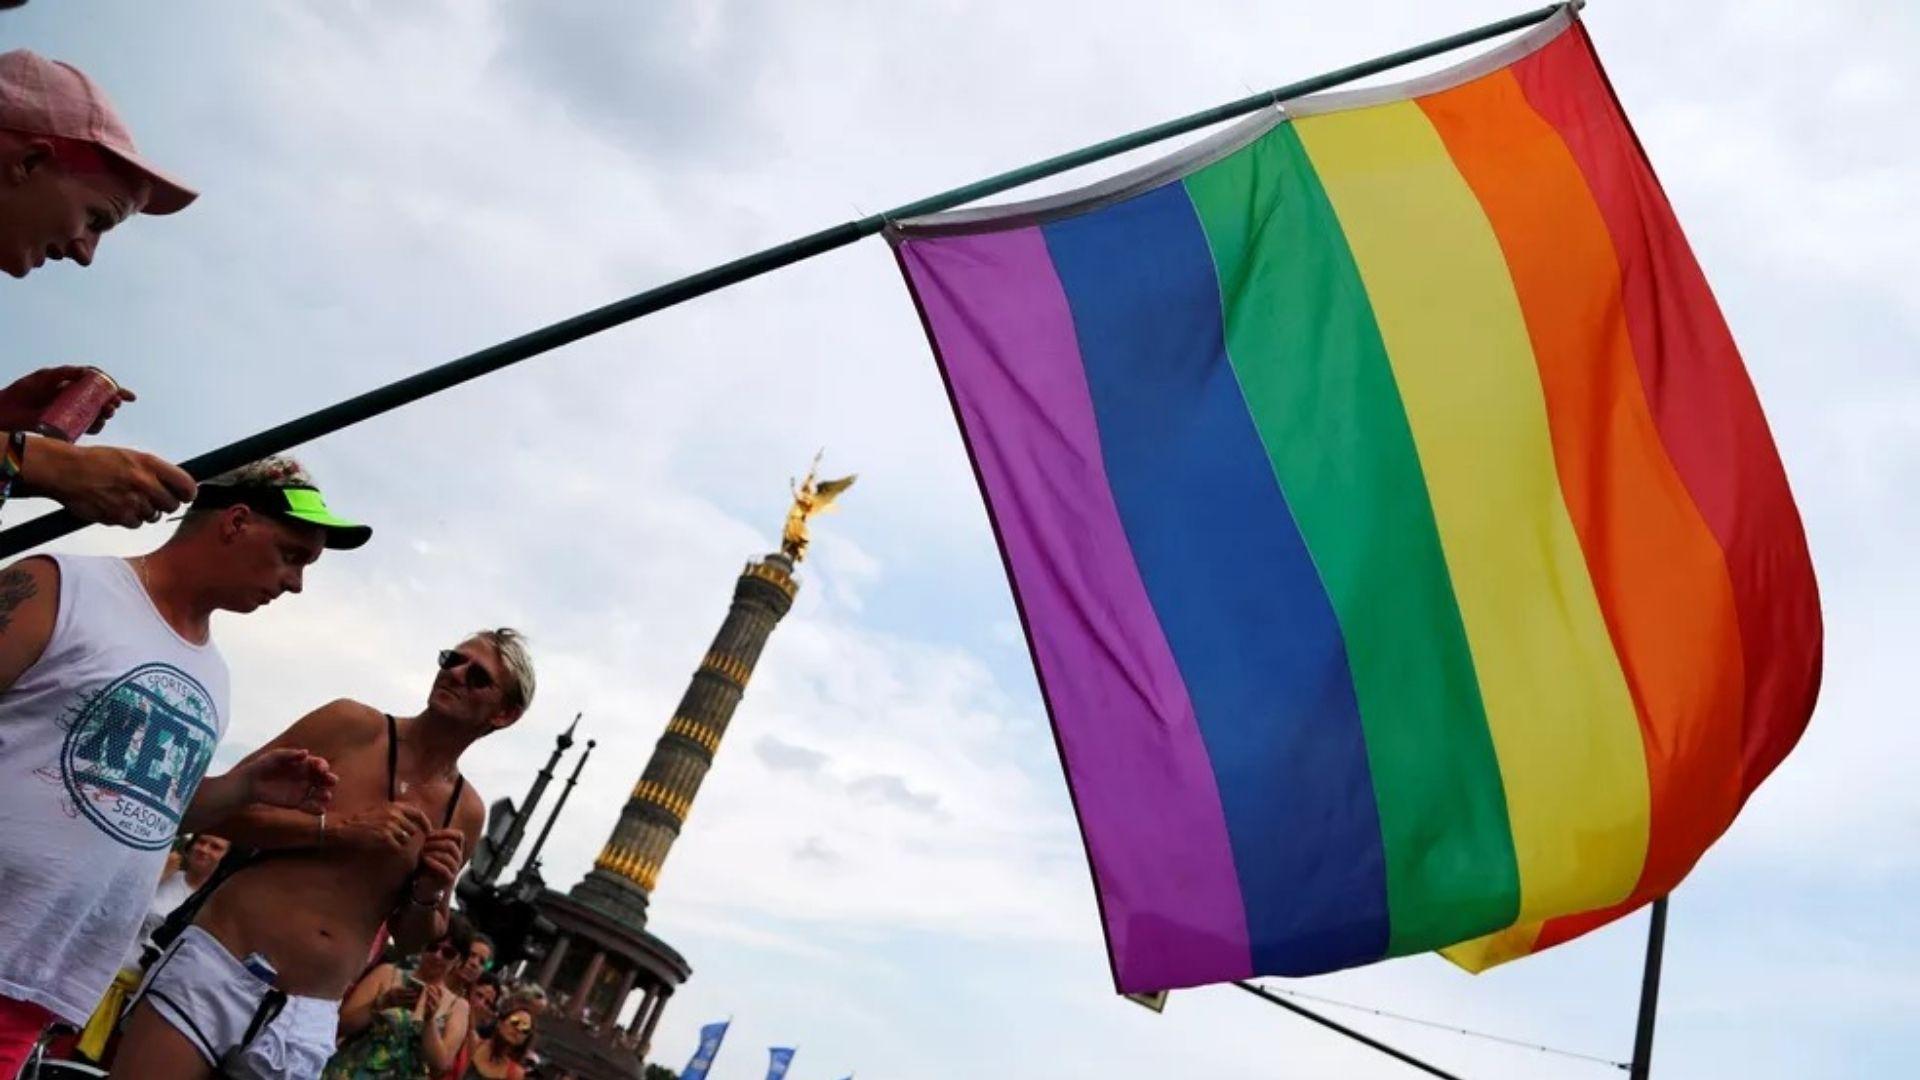 Proibir oração por gays pode violar os direitos humanos, diz instituto do Reino Unido